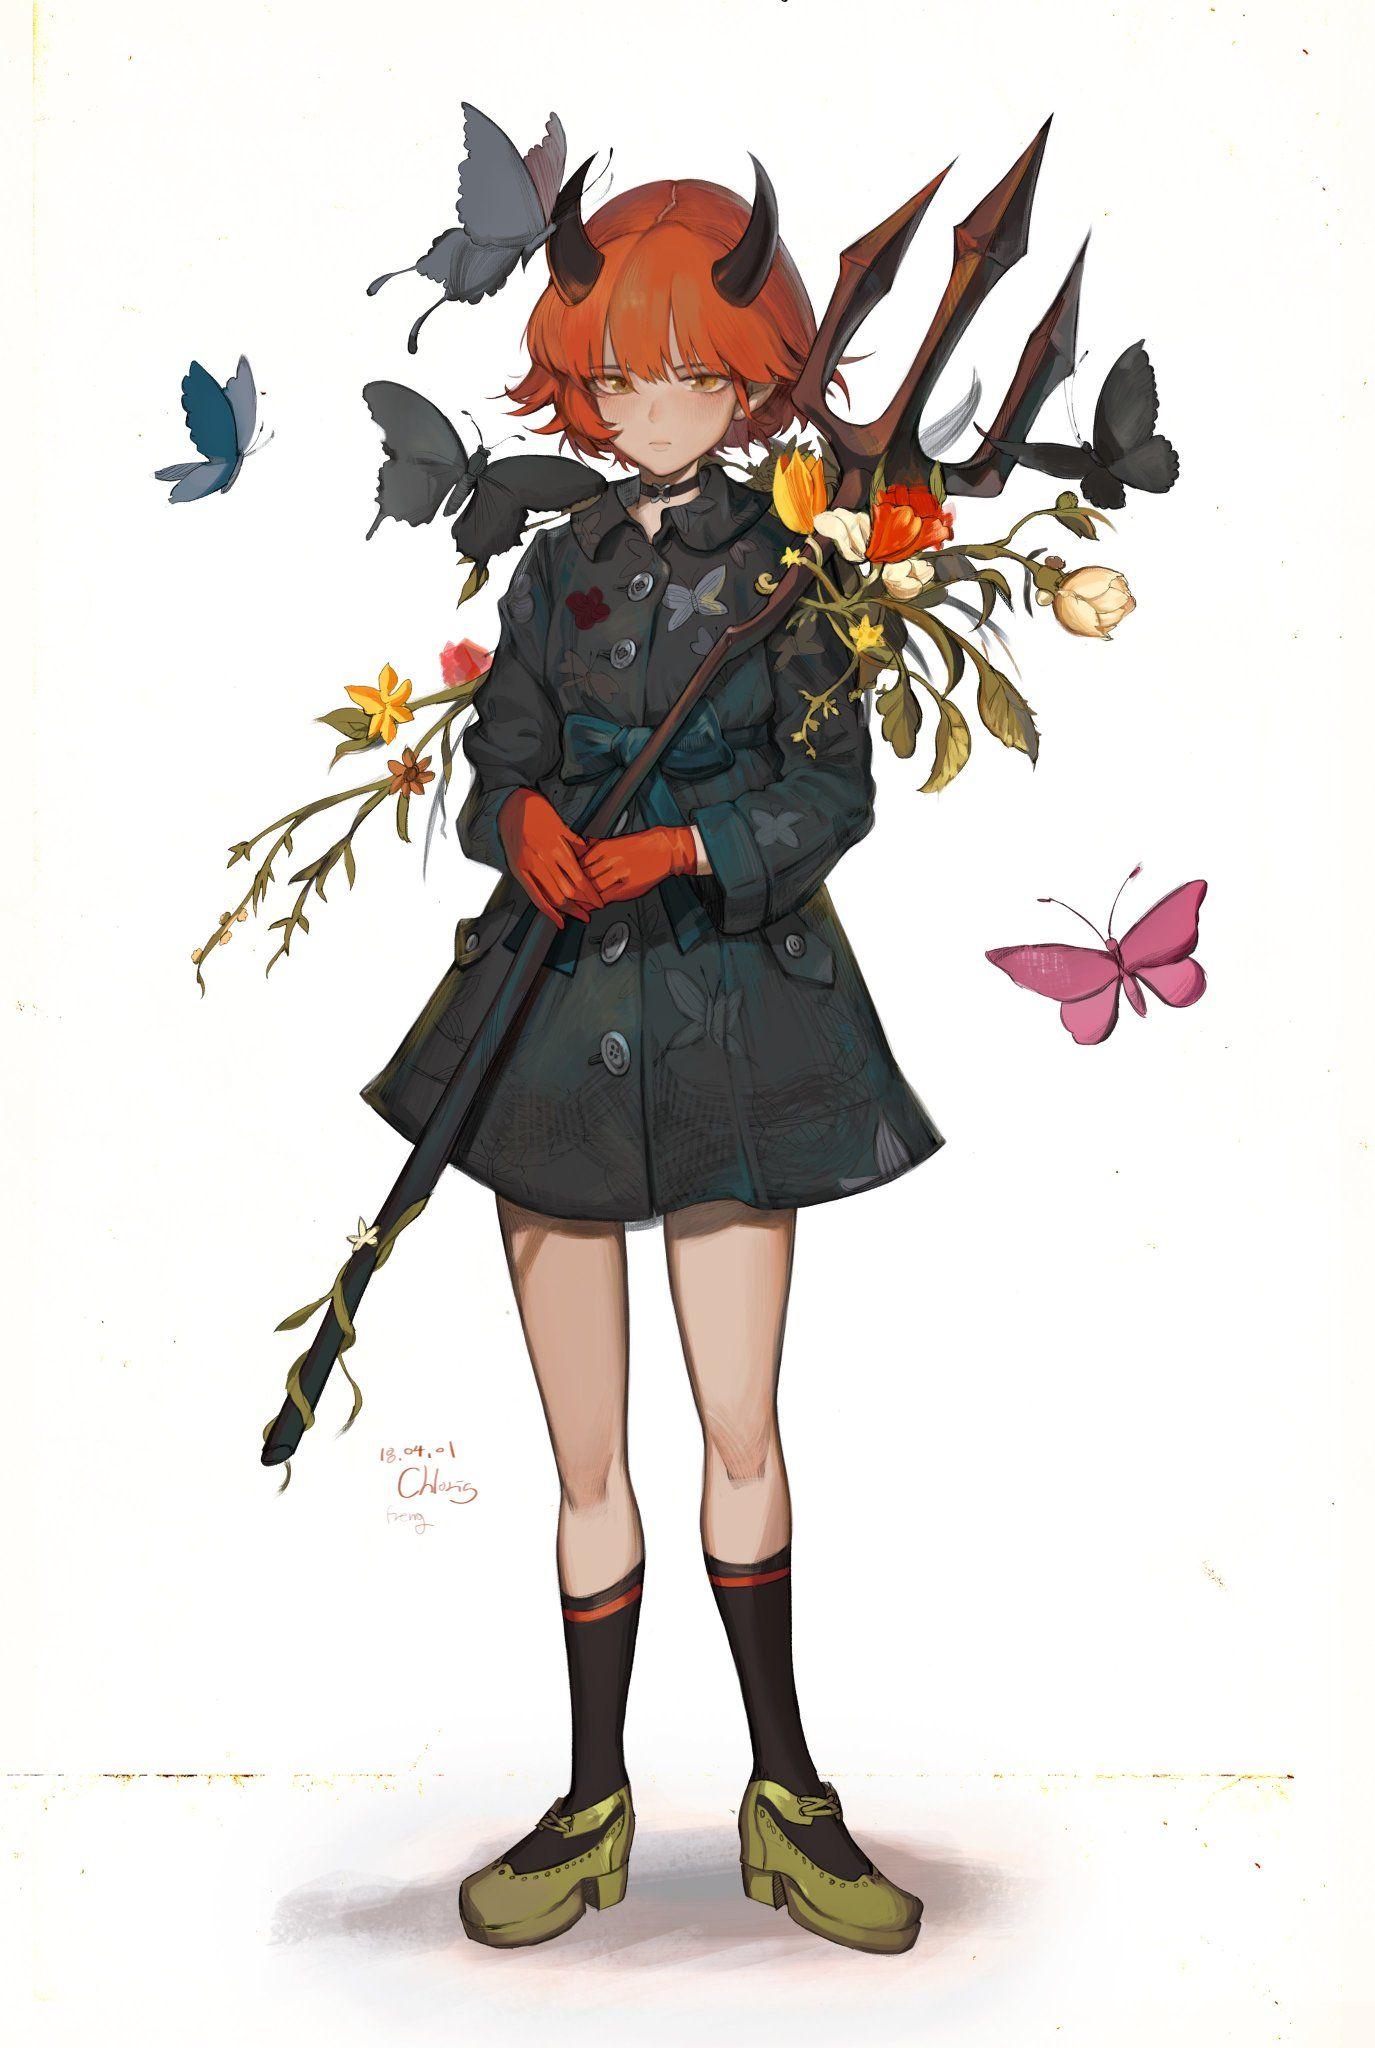 custom made anime characters